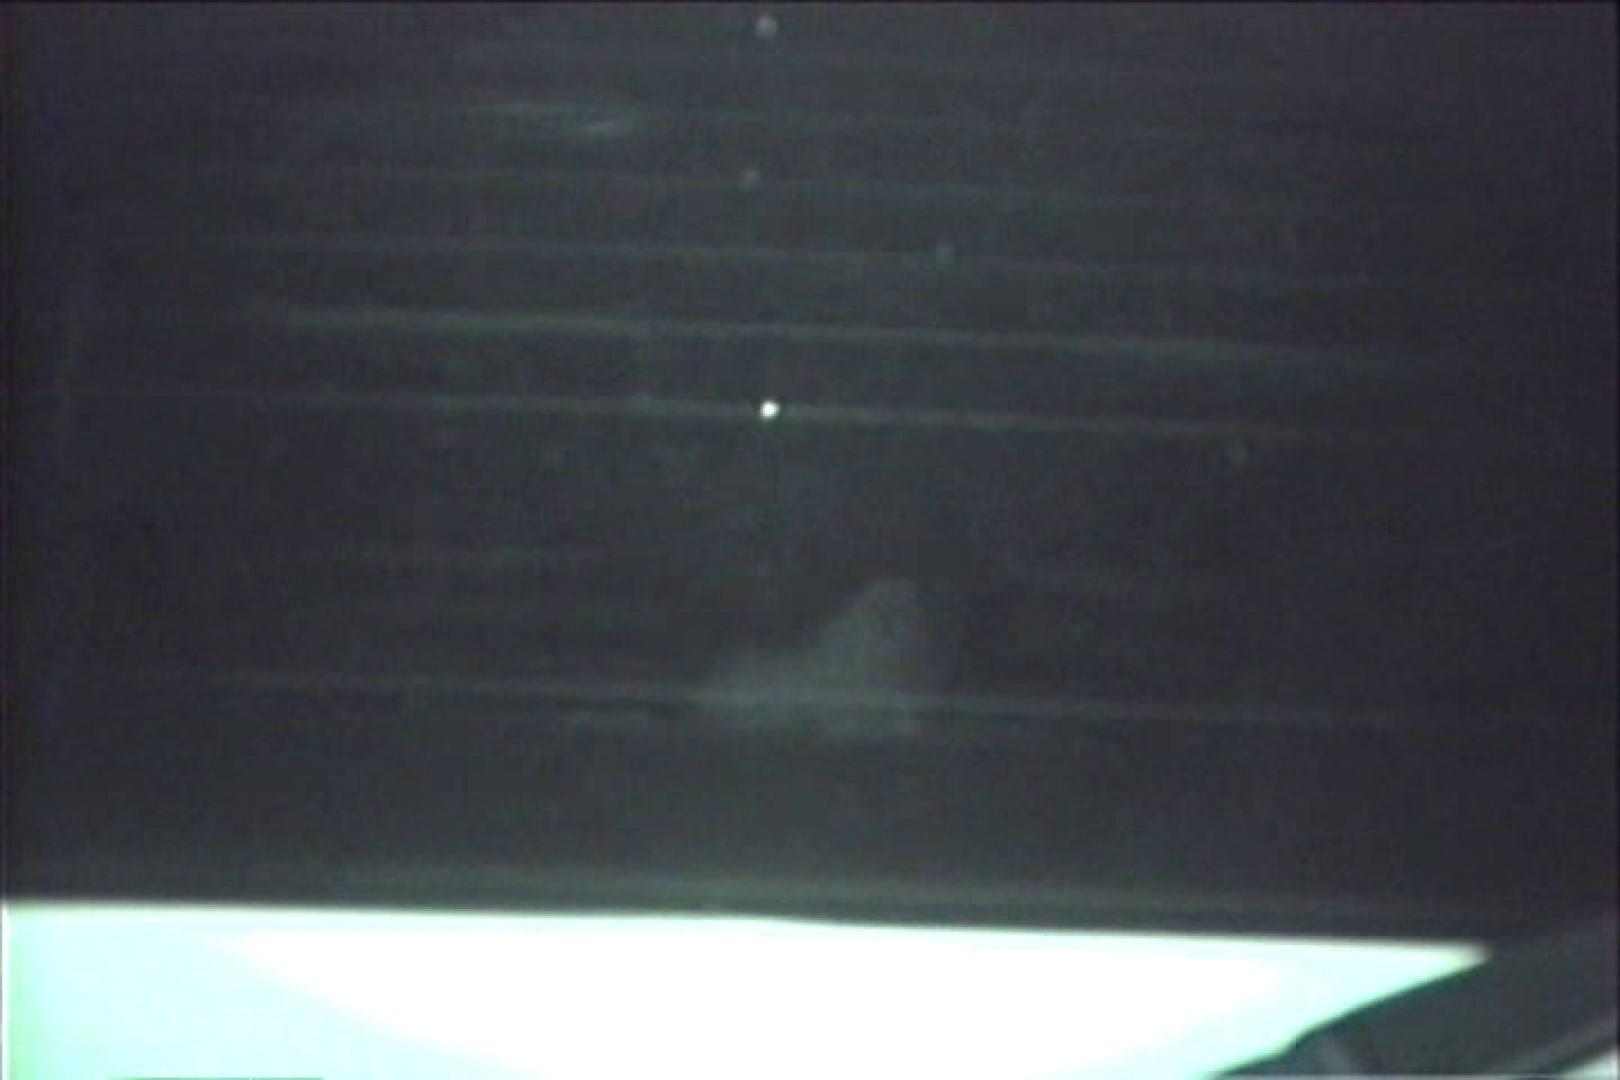 車の中はラブホテル 無修正版  Vol.18 車 エロ無料画像 100pic 67